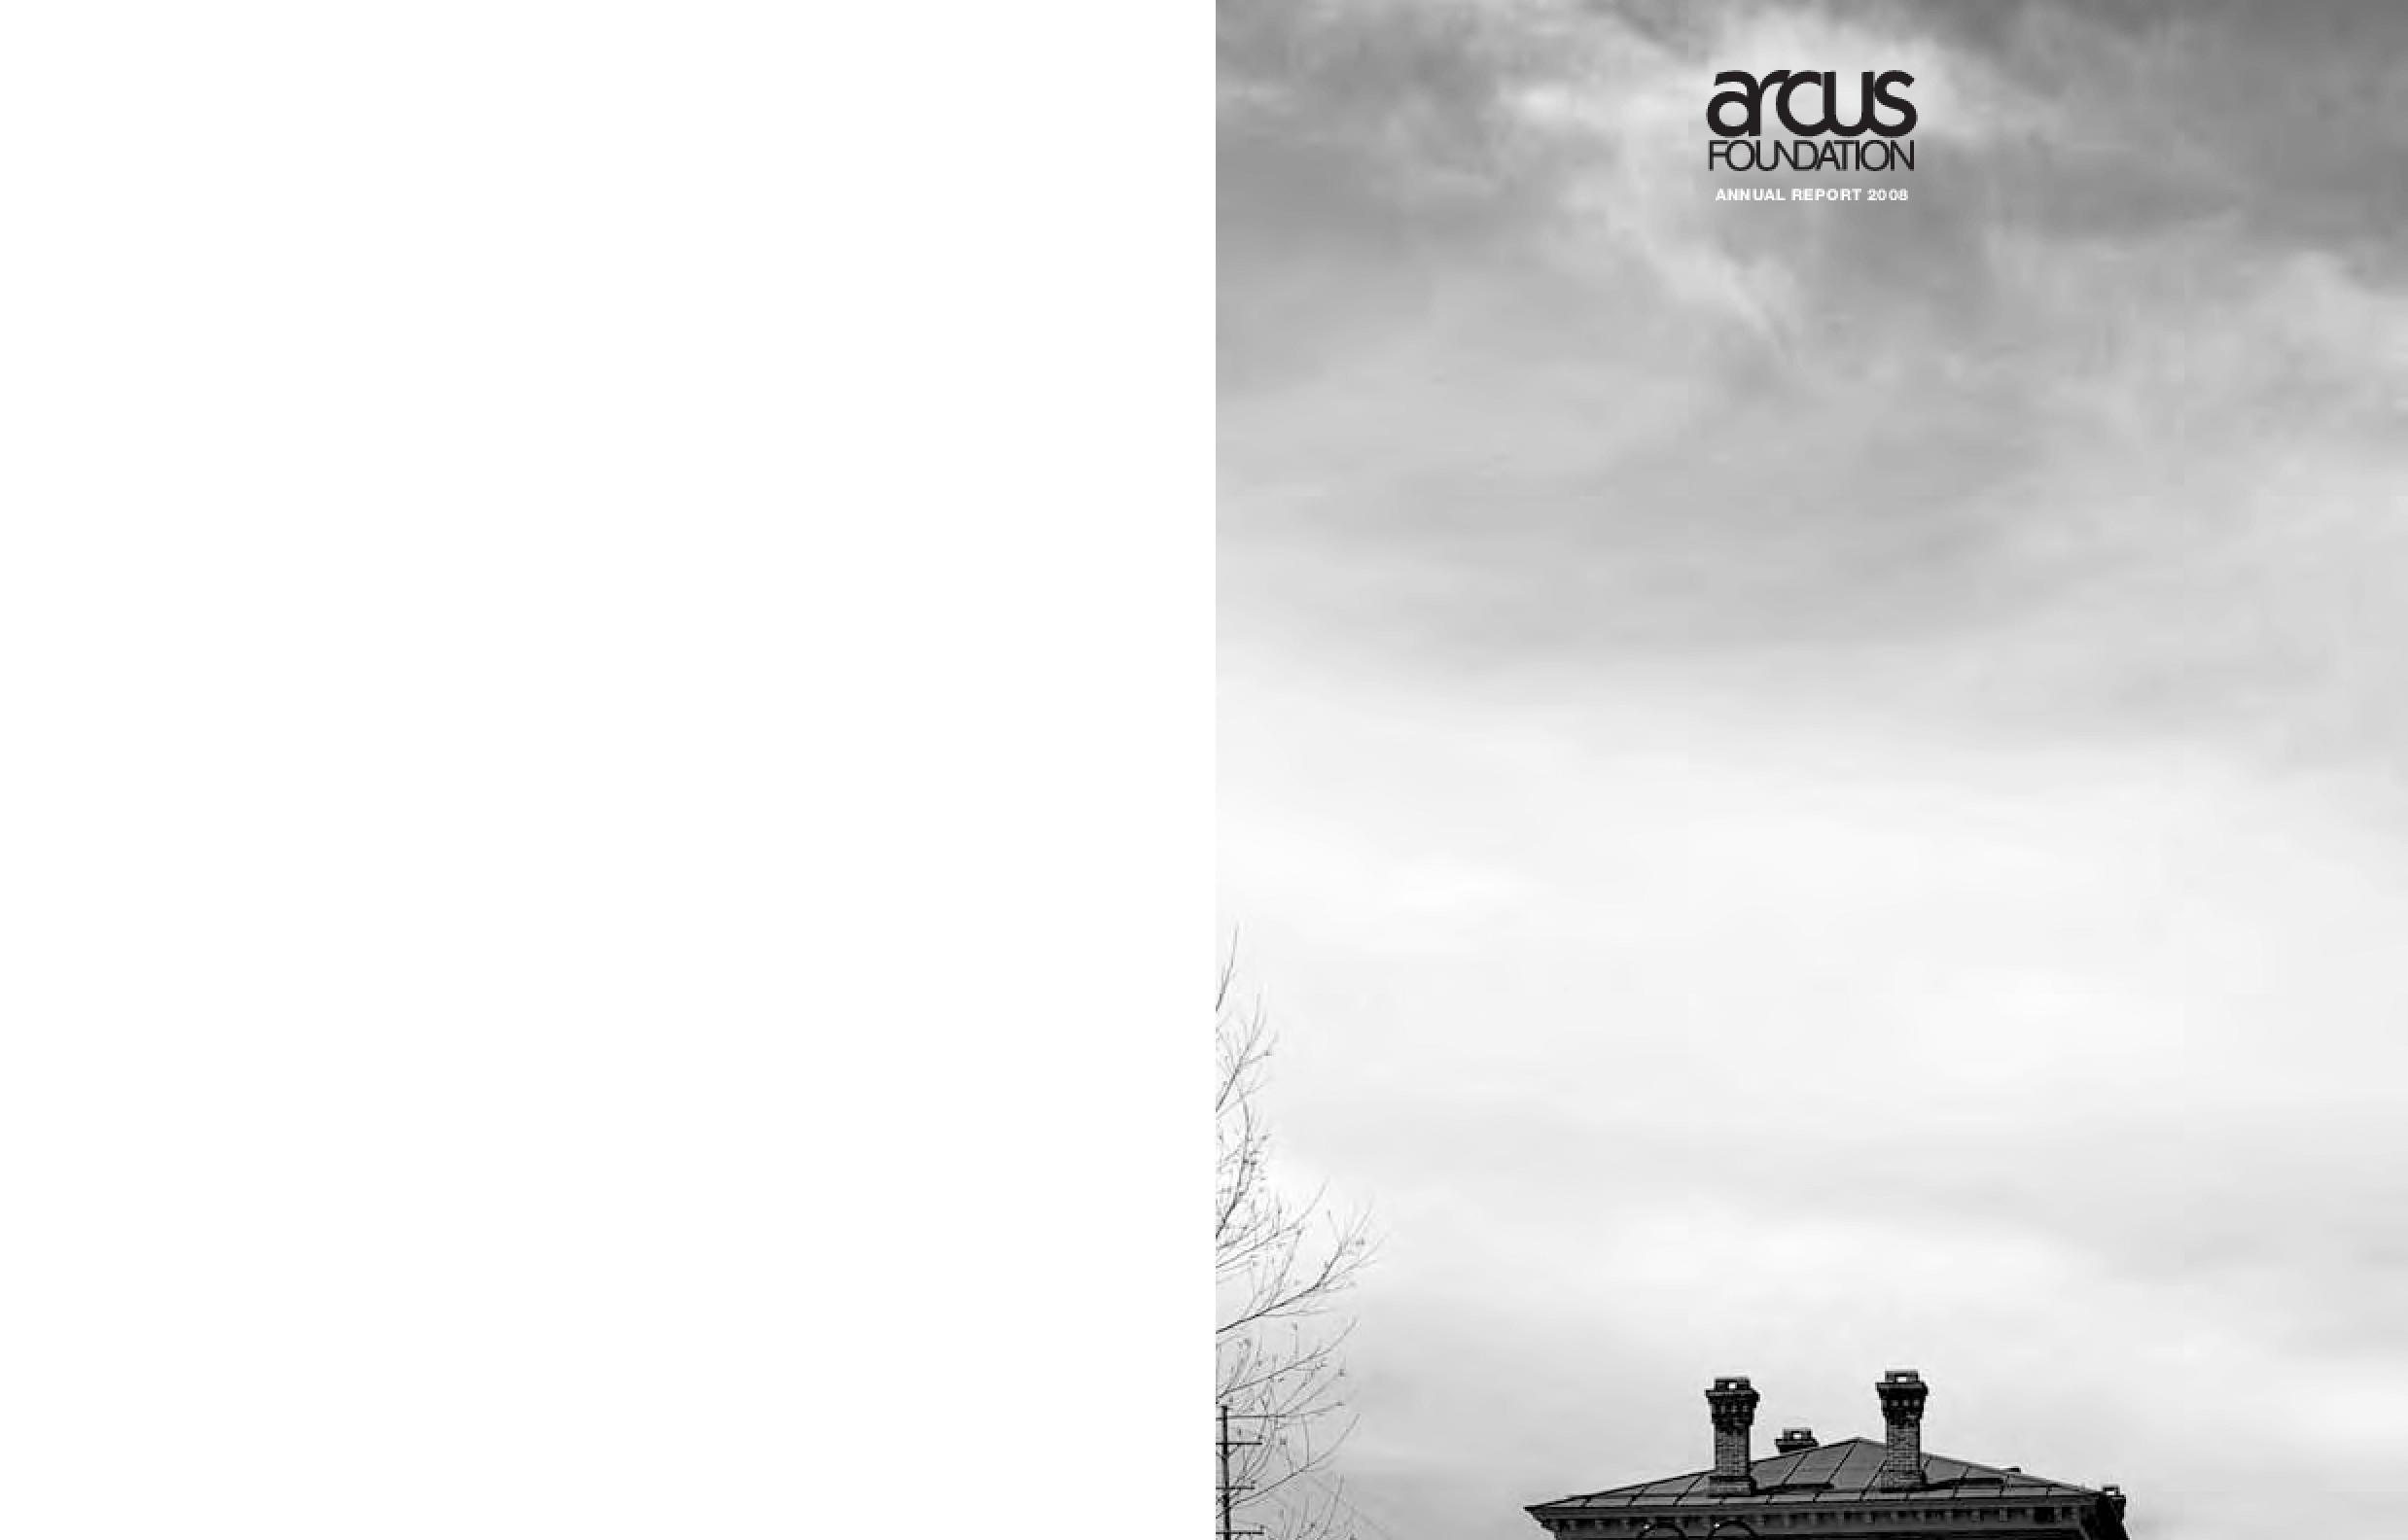 Arcus Foundation - 2008 Annual Report